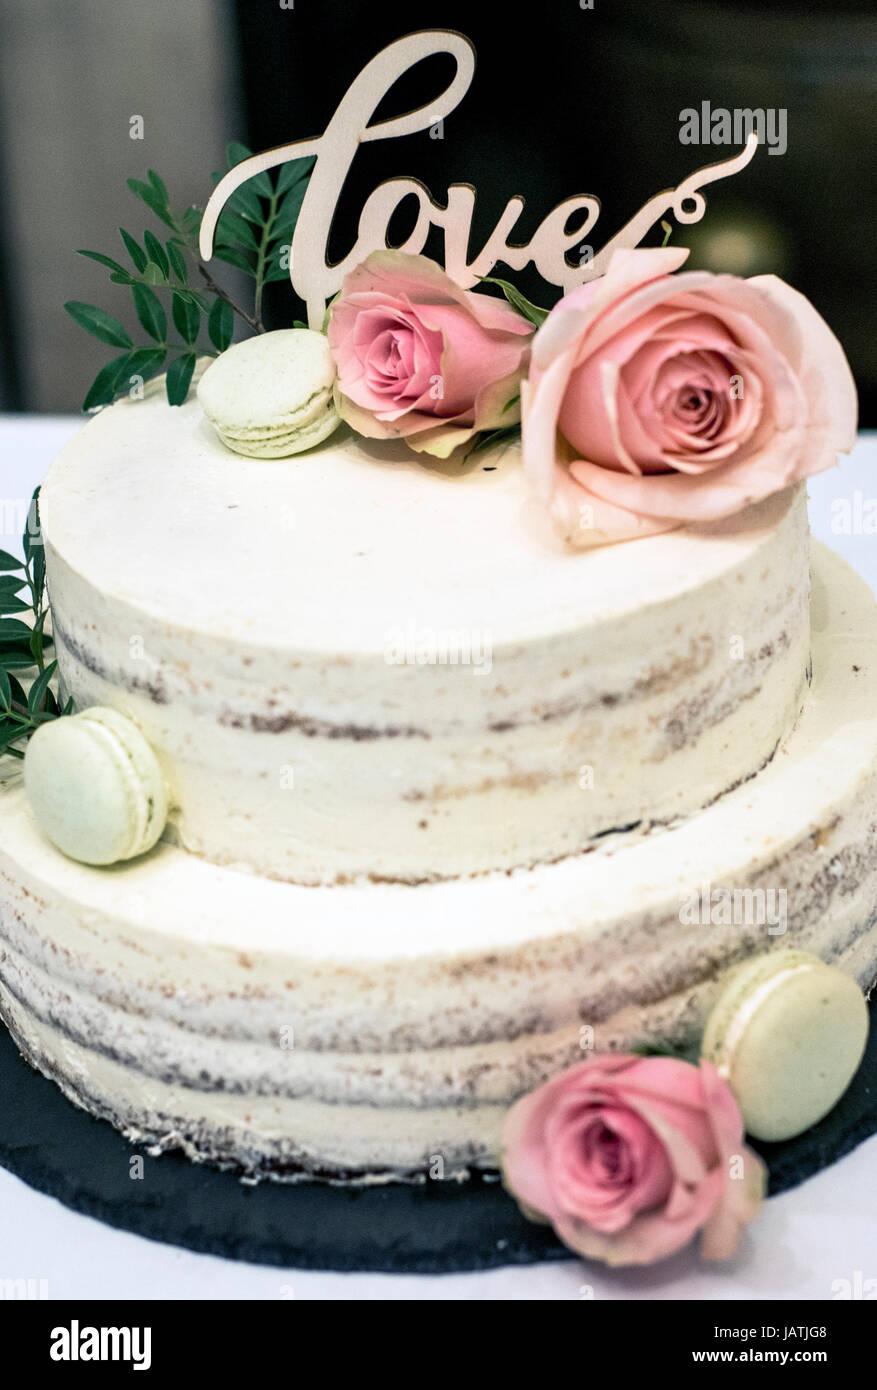 Wunderschone Hochzeitstorte Mit Sahne Mit Text Liebe An Der Spitze